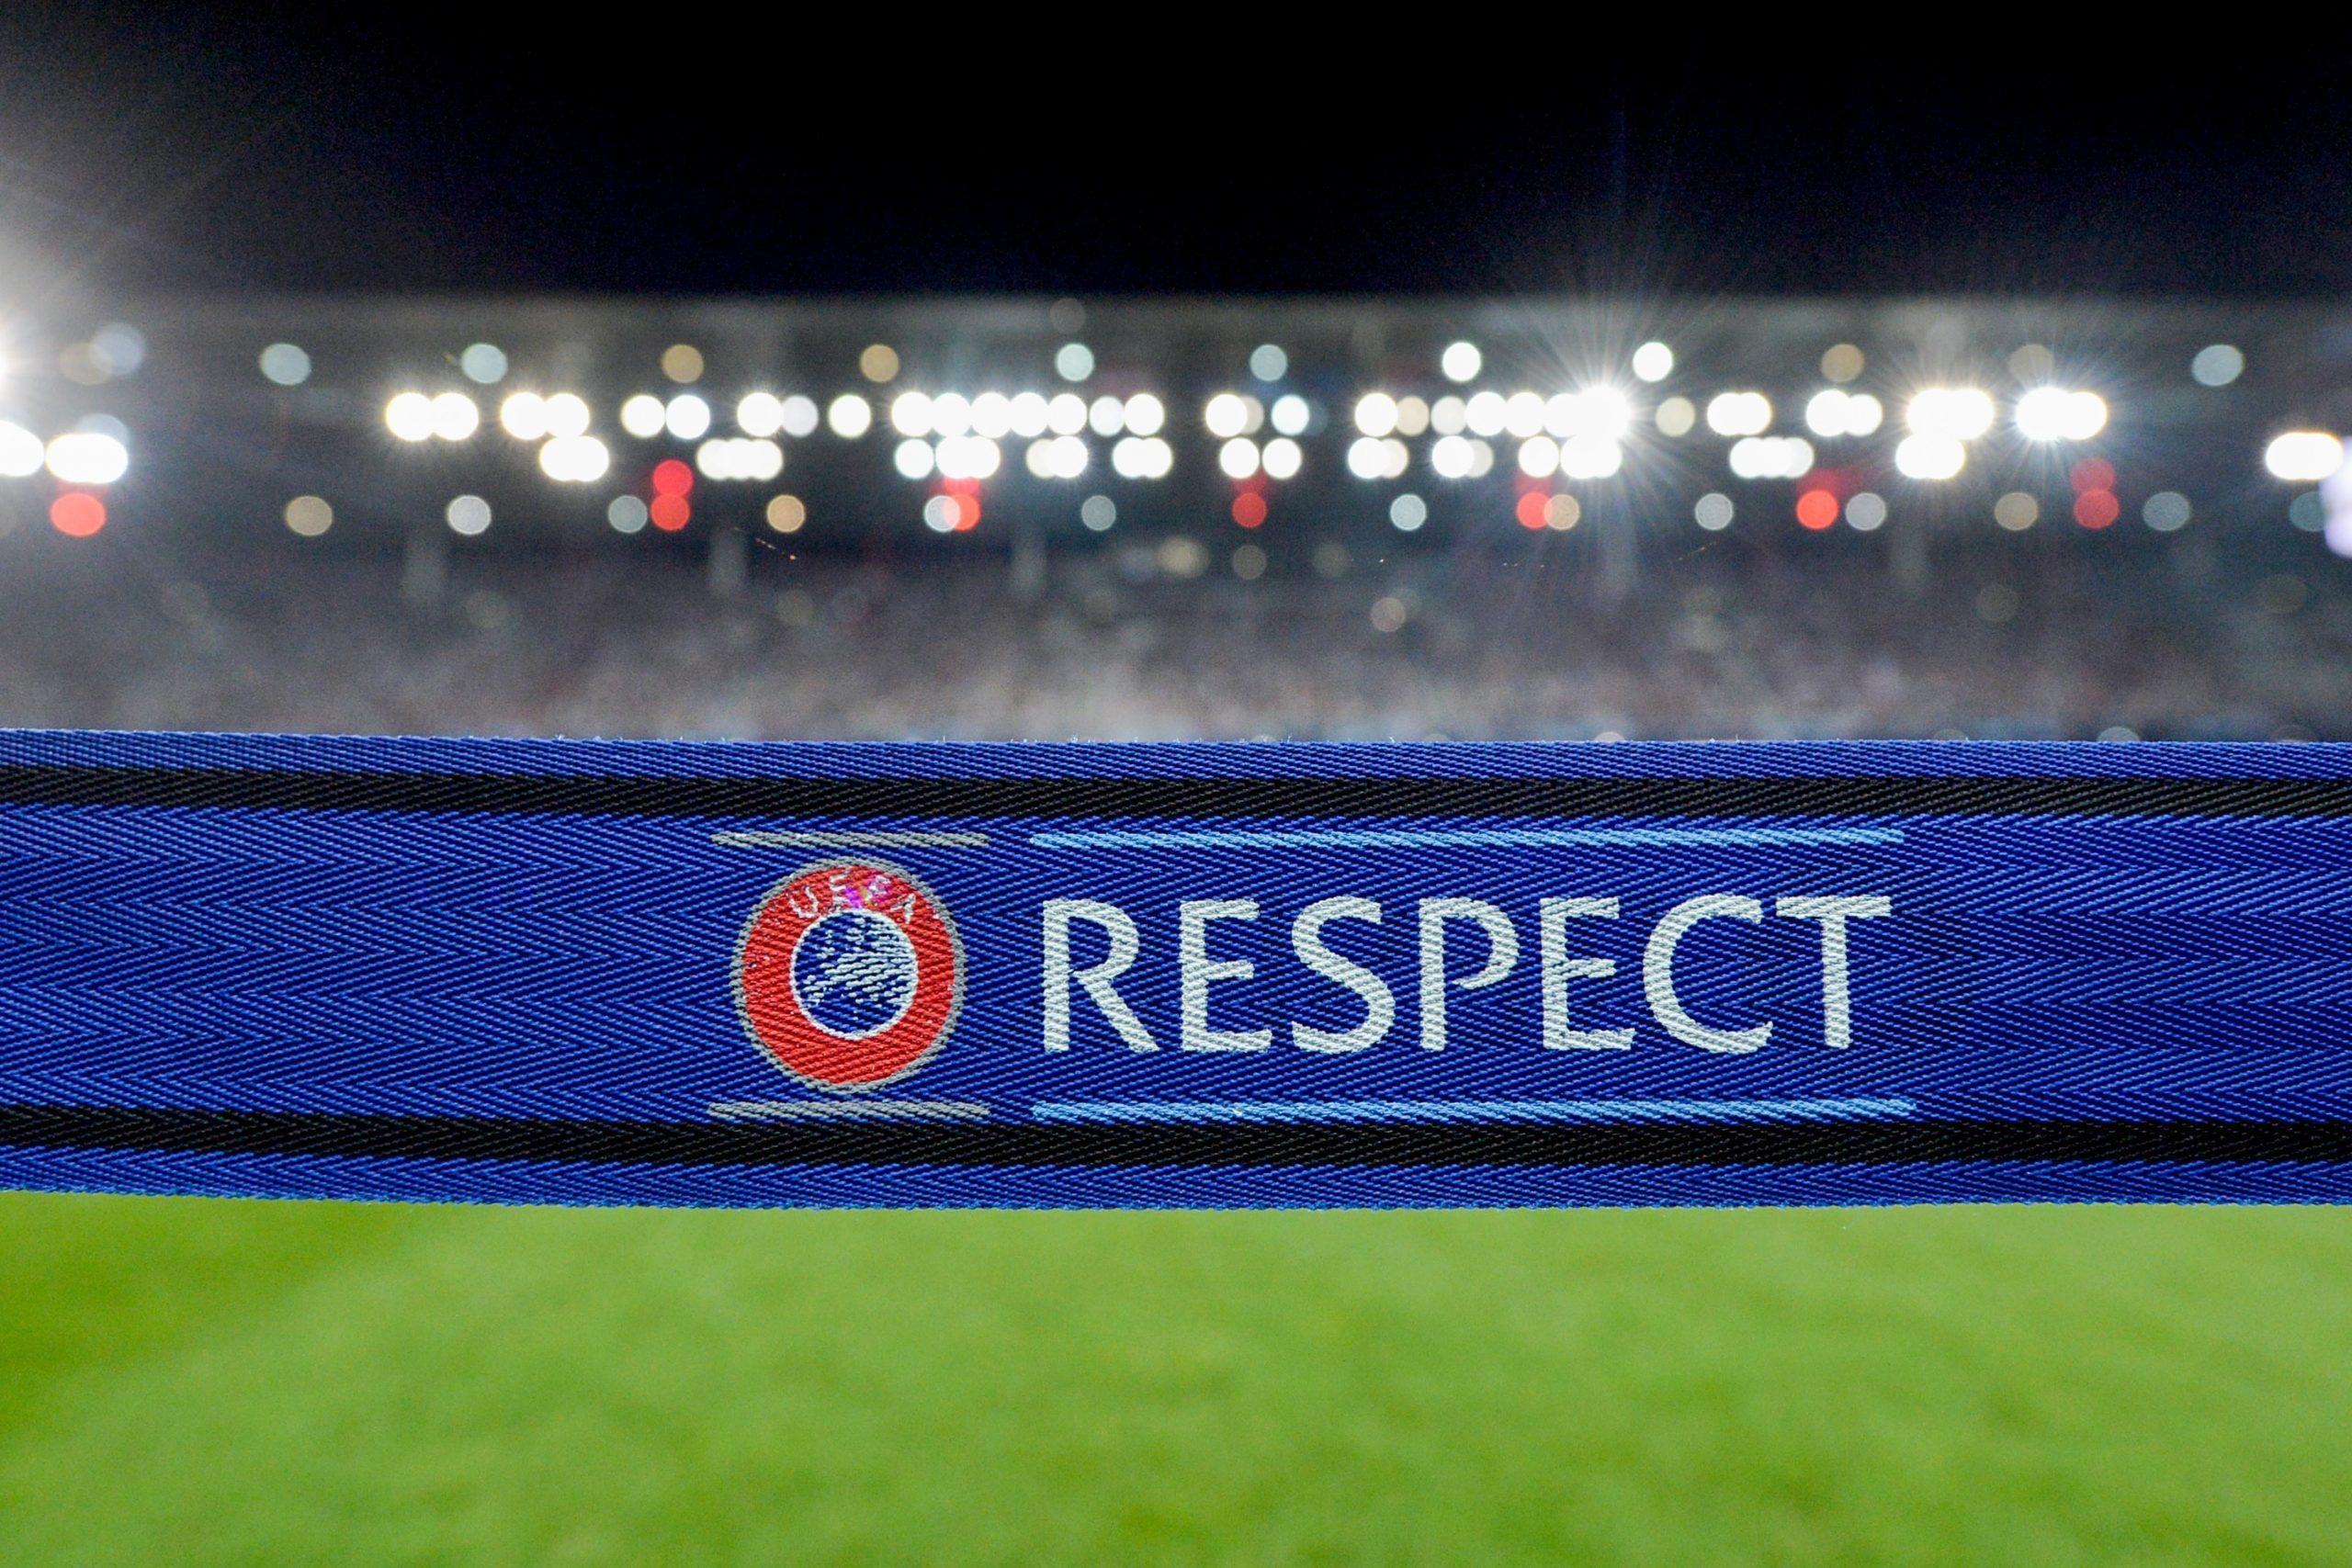 Officiel - L'UEFA reporte son prochain comité exécutif au 17 juin 2020